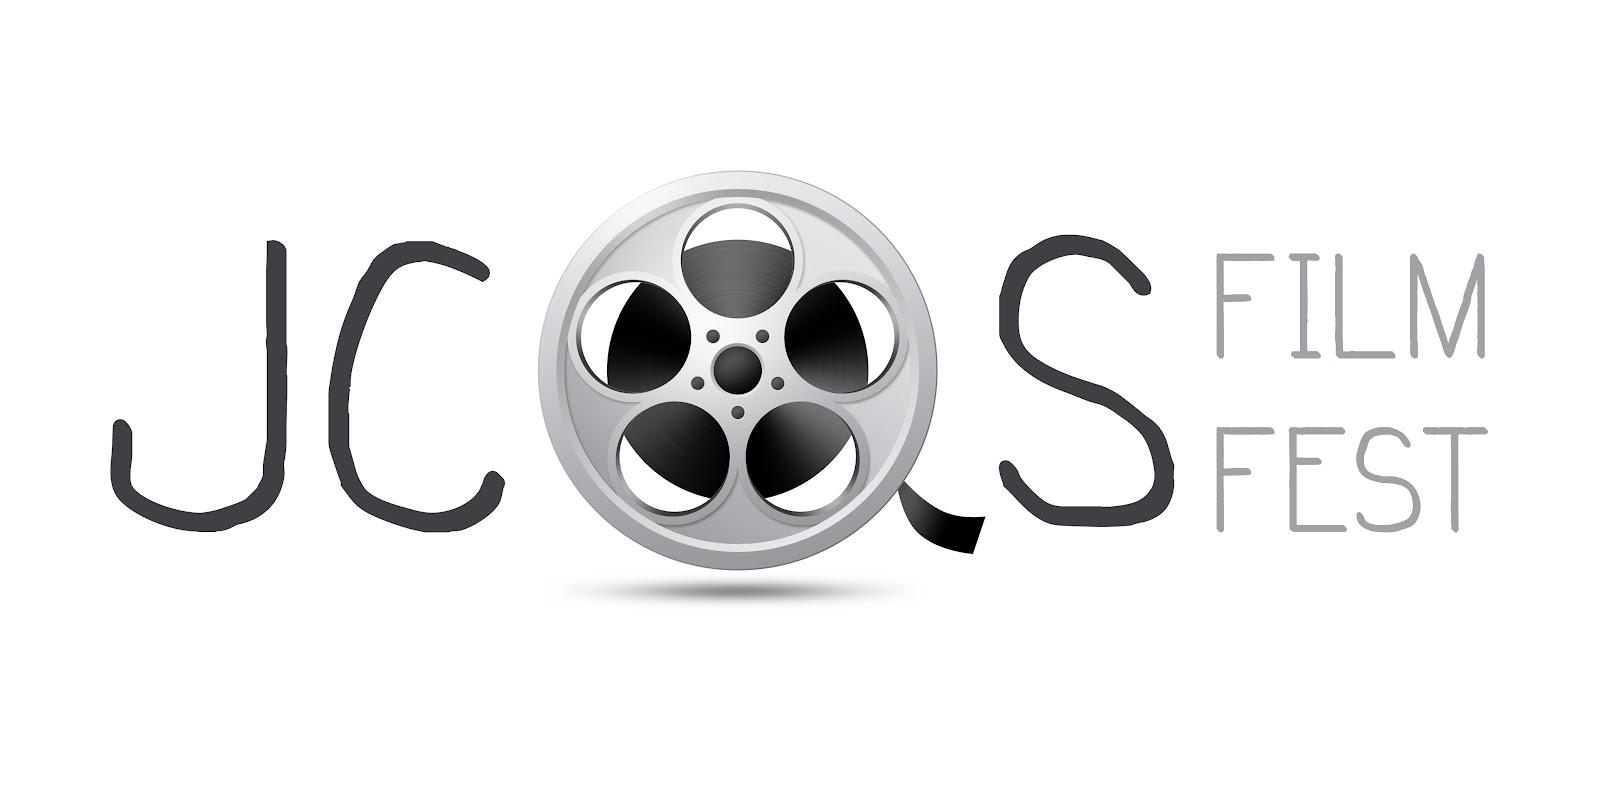 jcos film fest.jpg